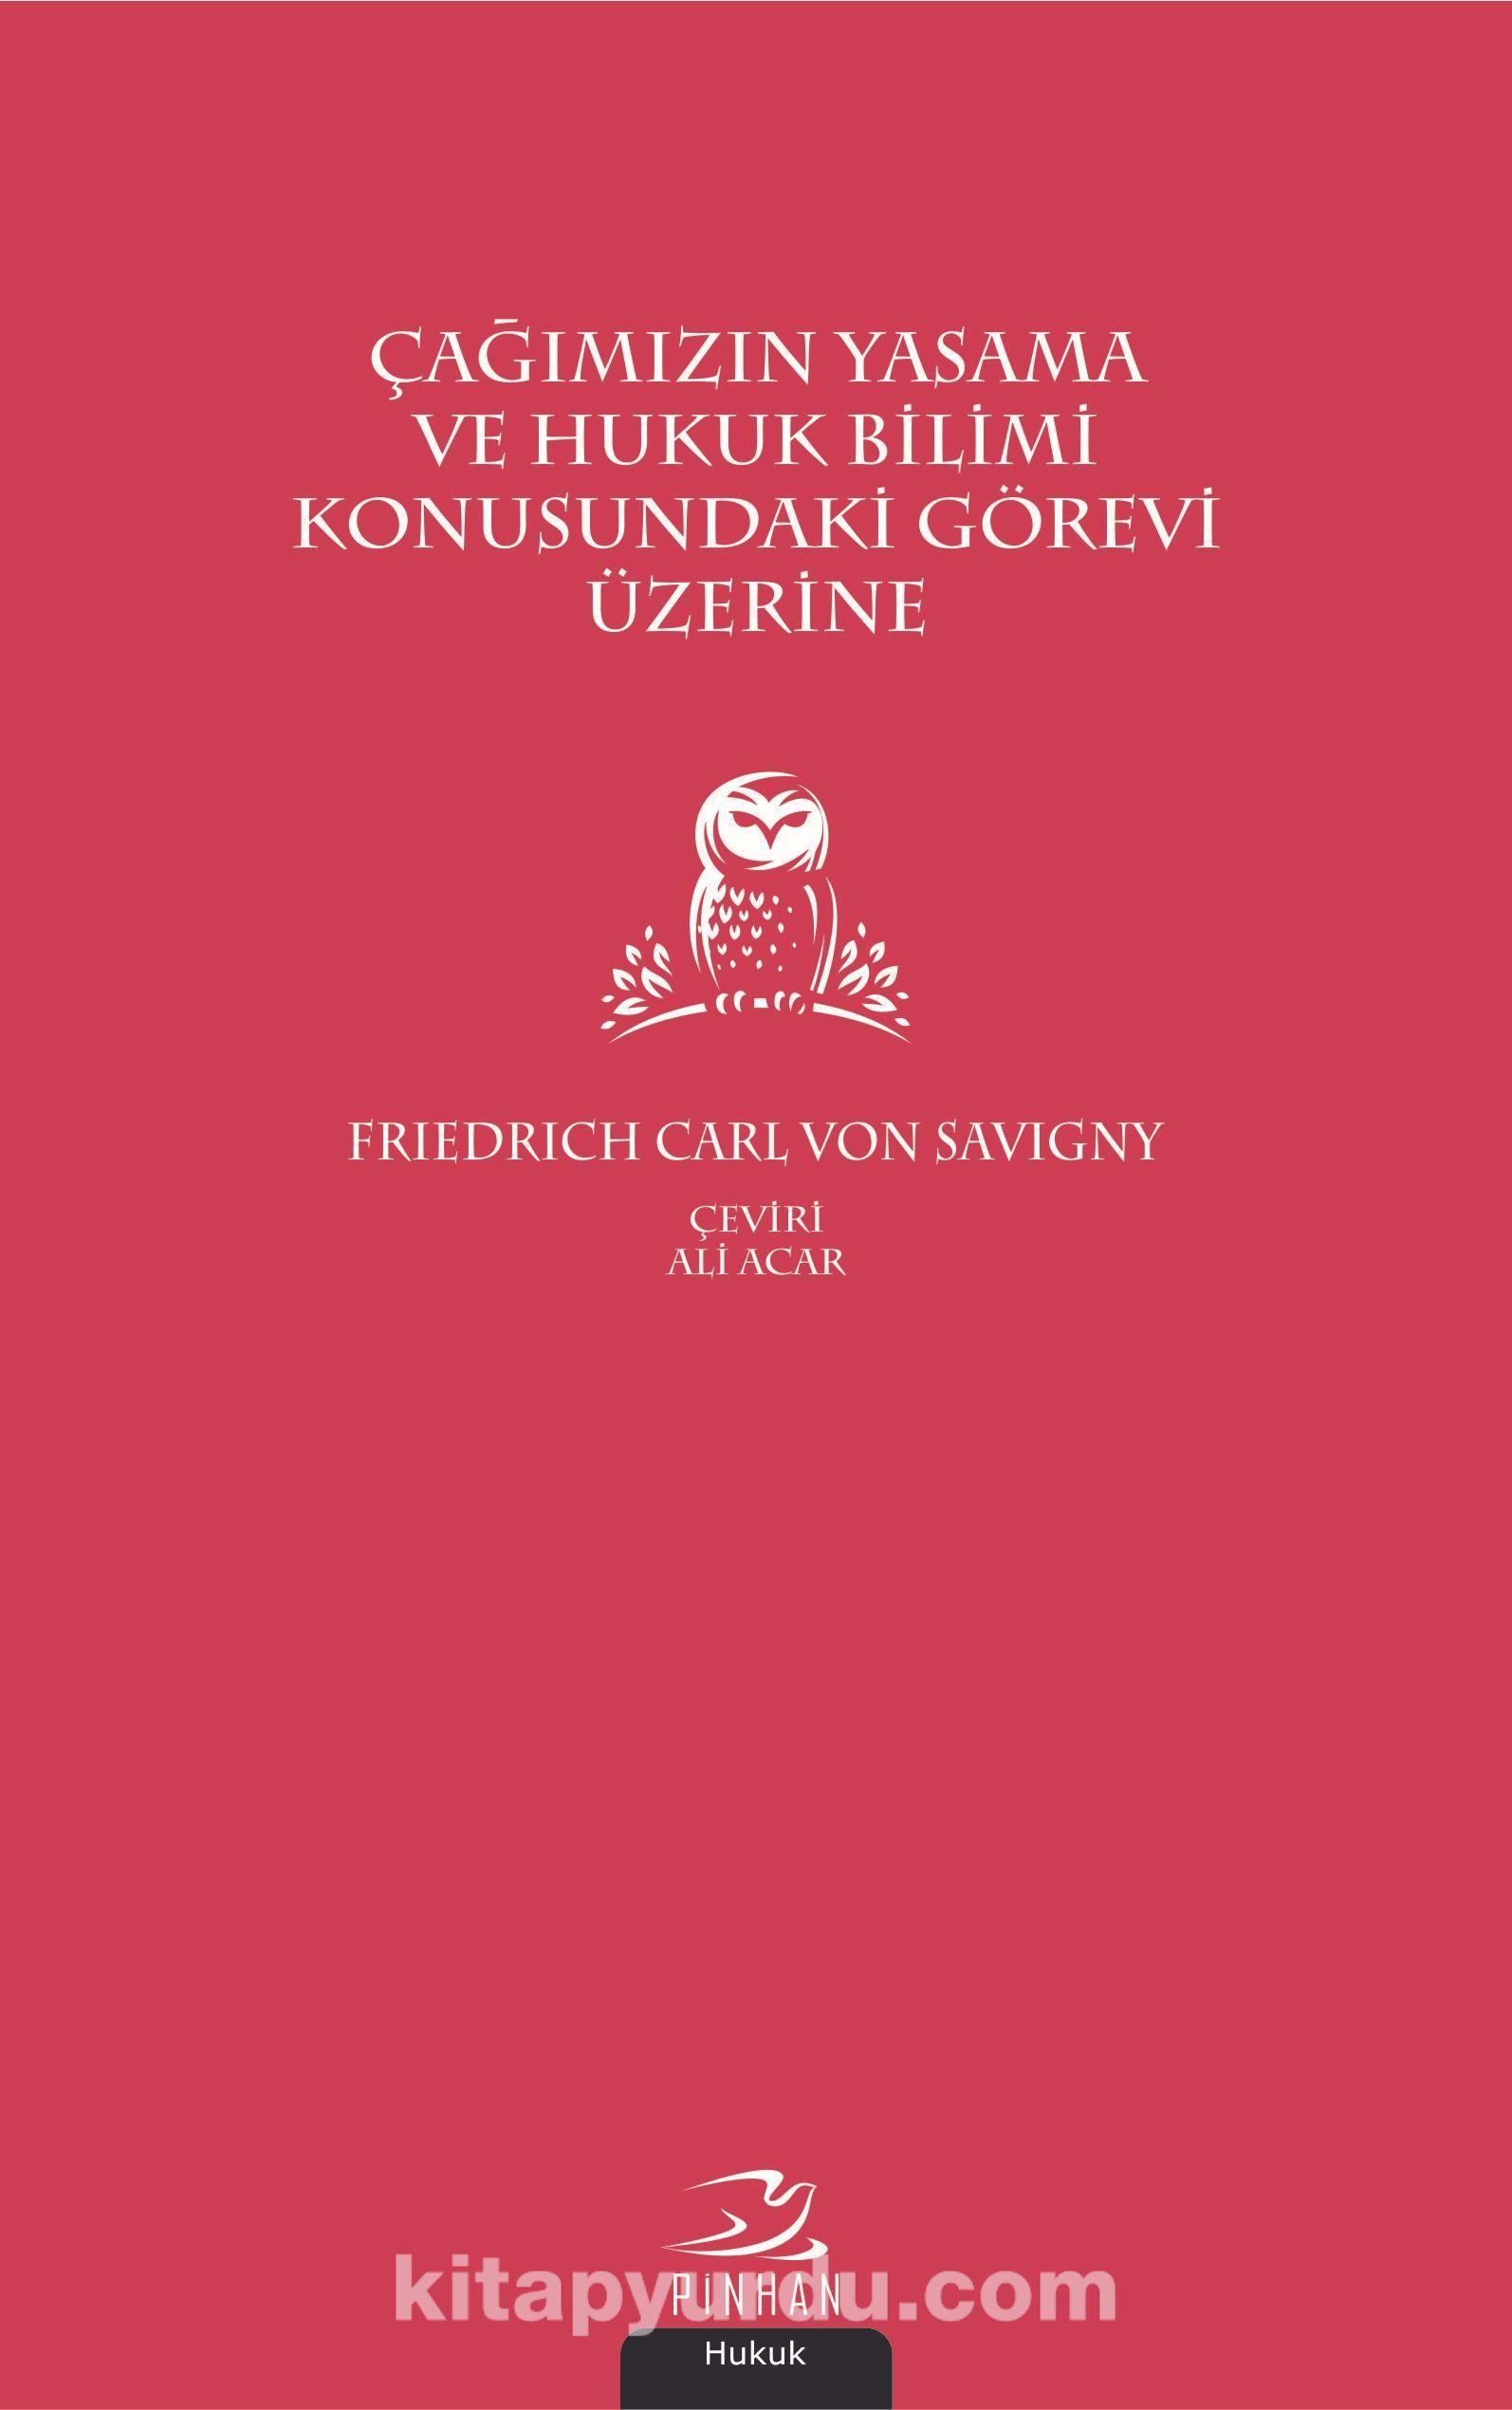 Çağımızın Yasama ve Hukuk Bilimi Konusundaki Görevi Üzerine - Friedrich Carl von Savigny pdf epub